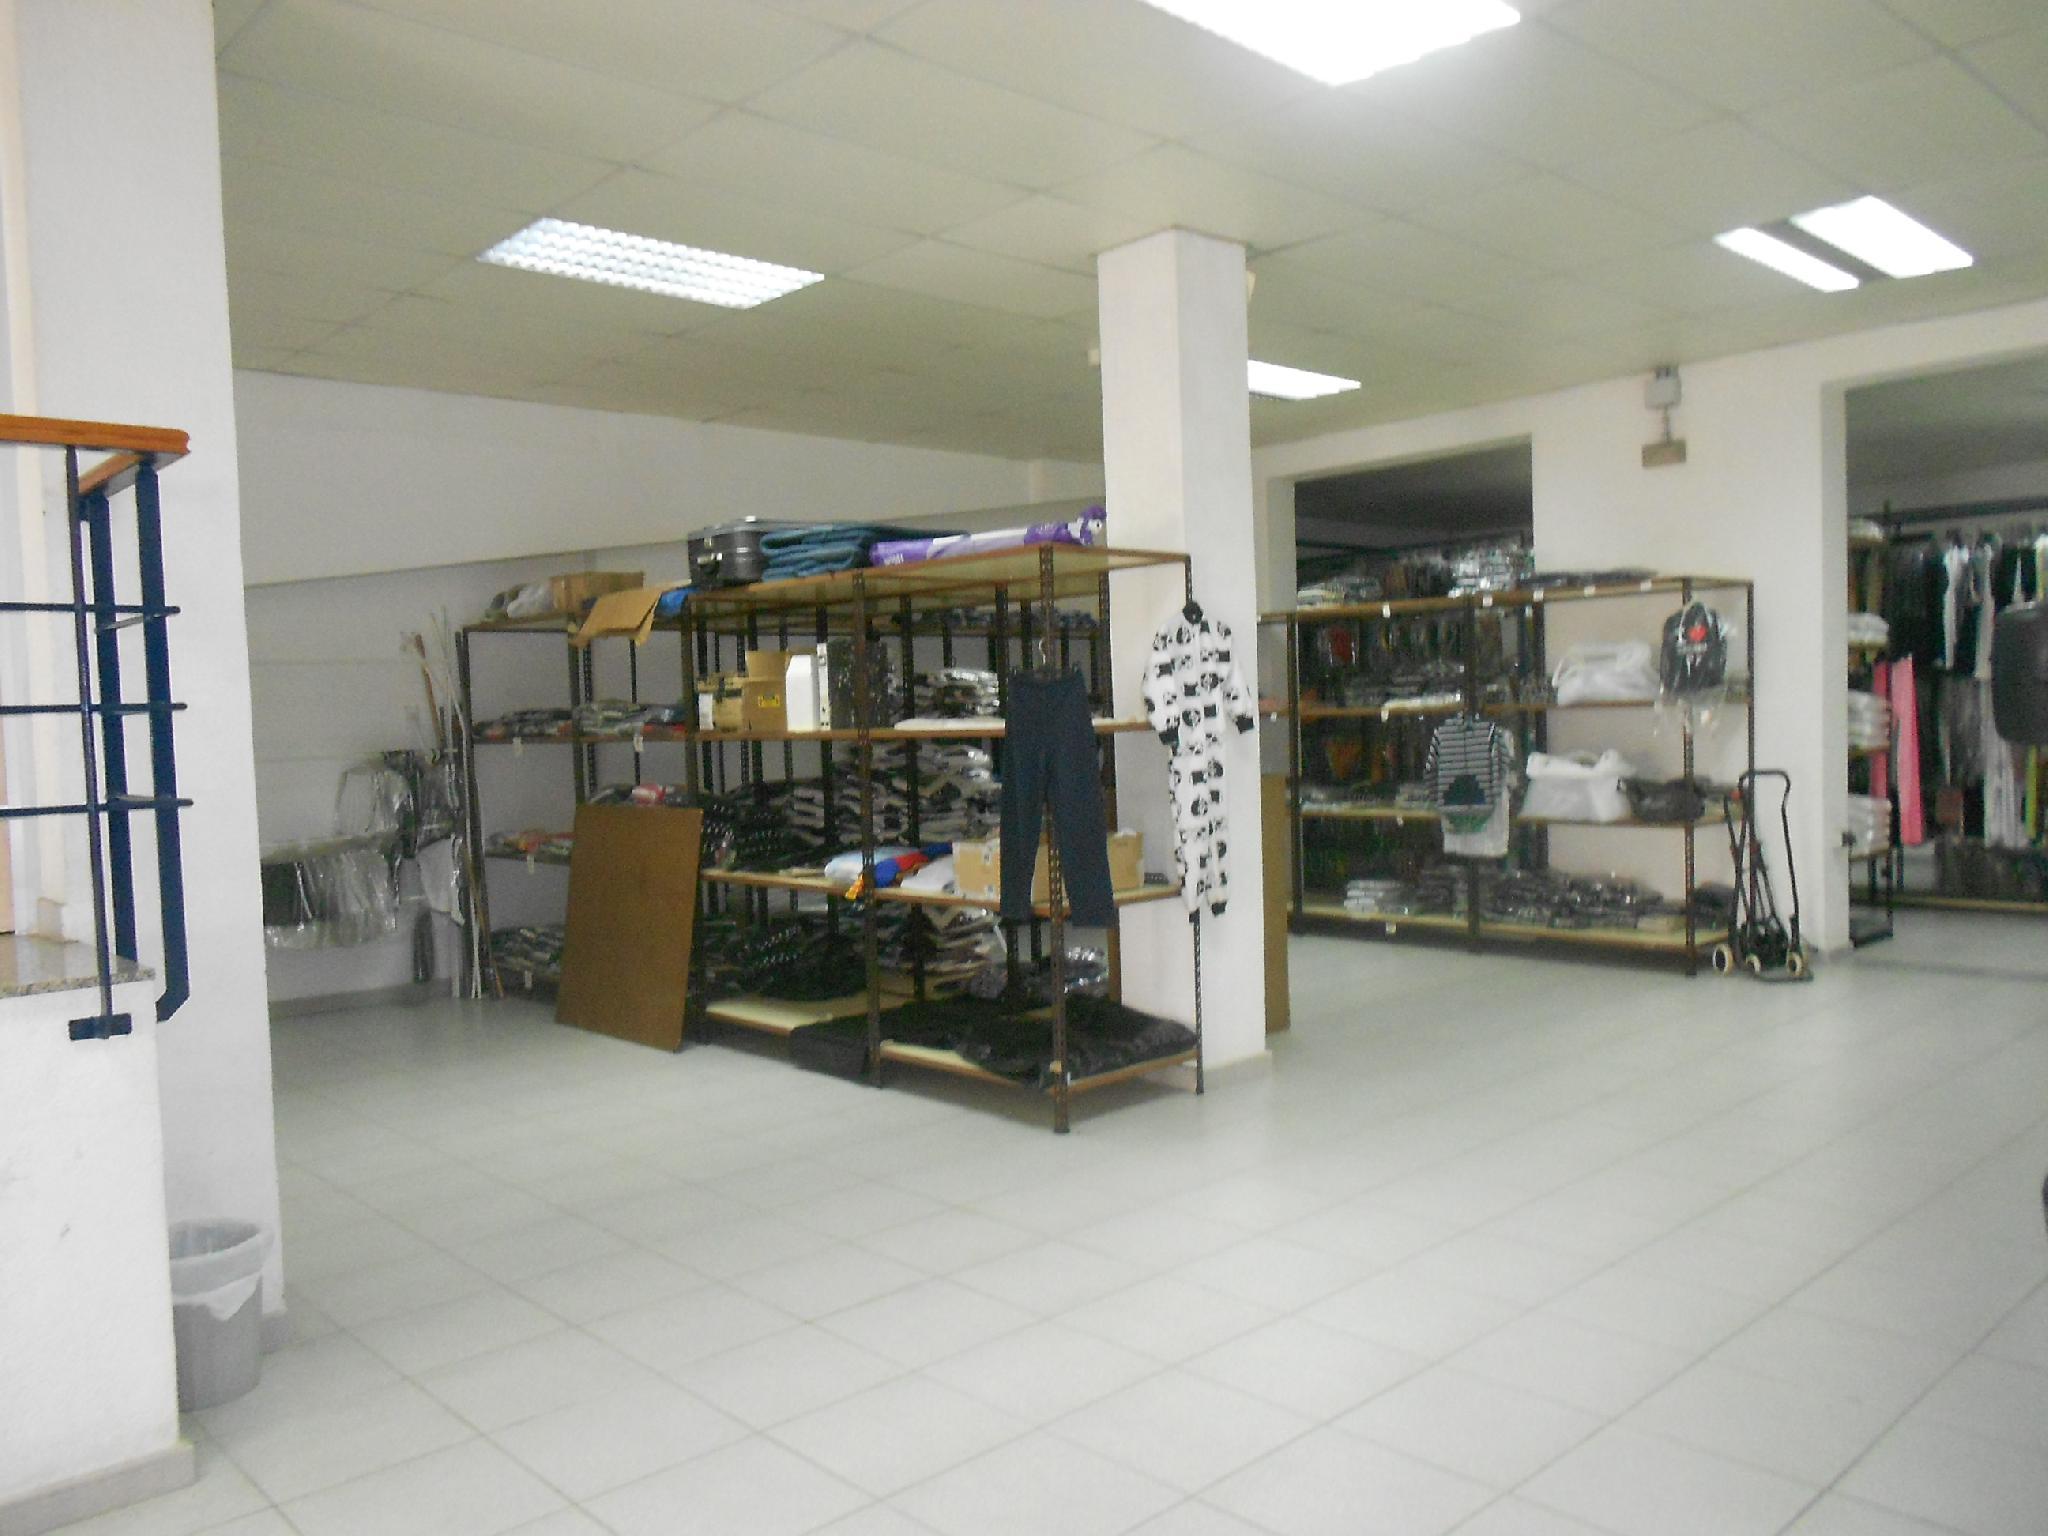 220862 - Cerca del C.A.P.